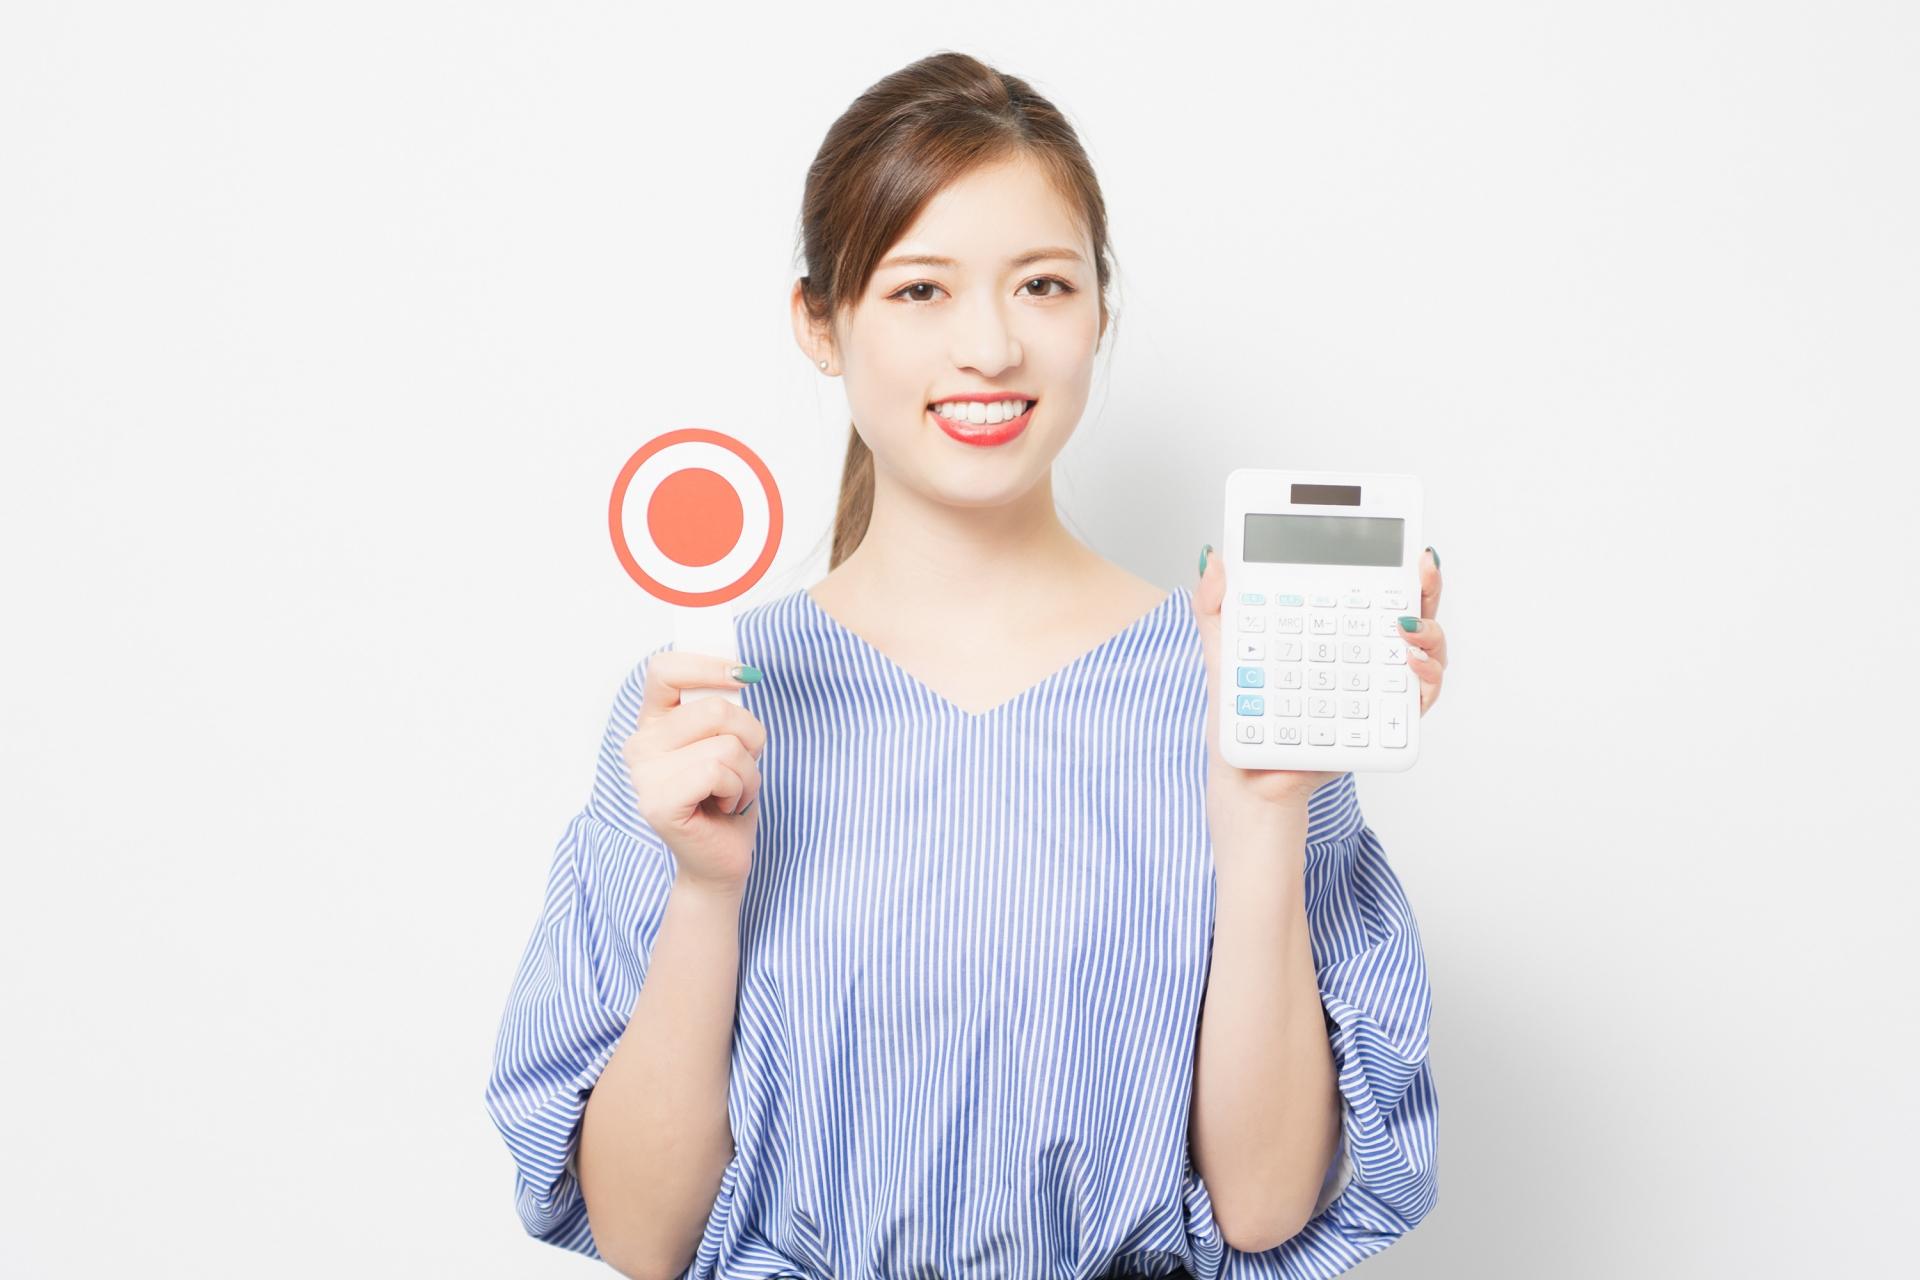 経理処理と会計処理の違いは?特徴や処理の流れについて解説!